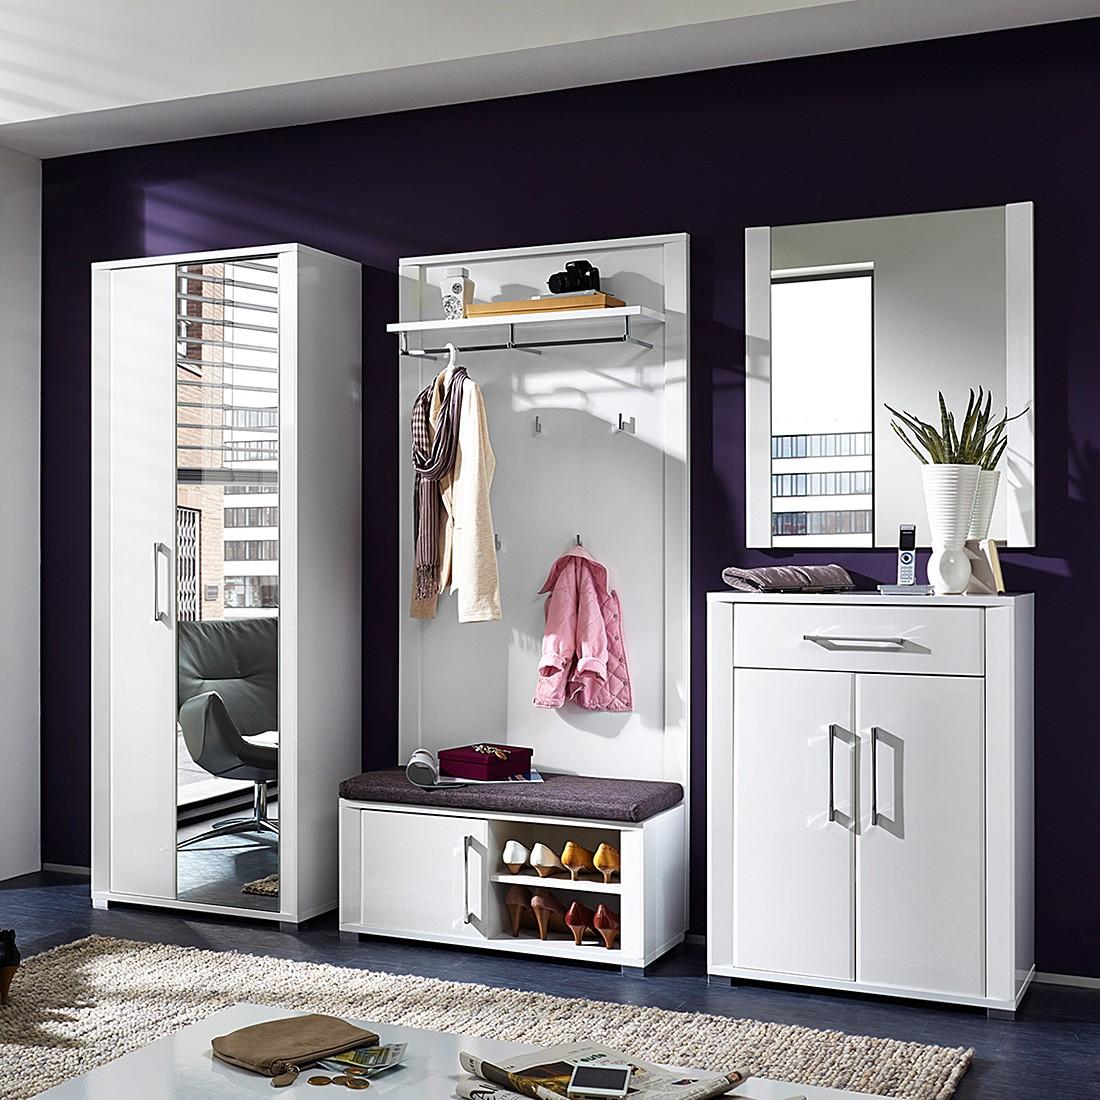 Garderobe wei hochglanz preisvergleich die besten - Home24 garderobe ...